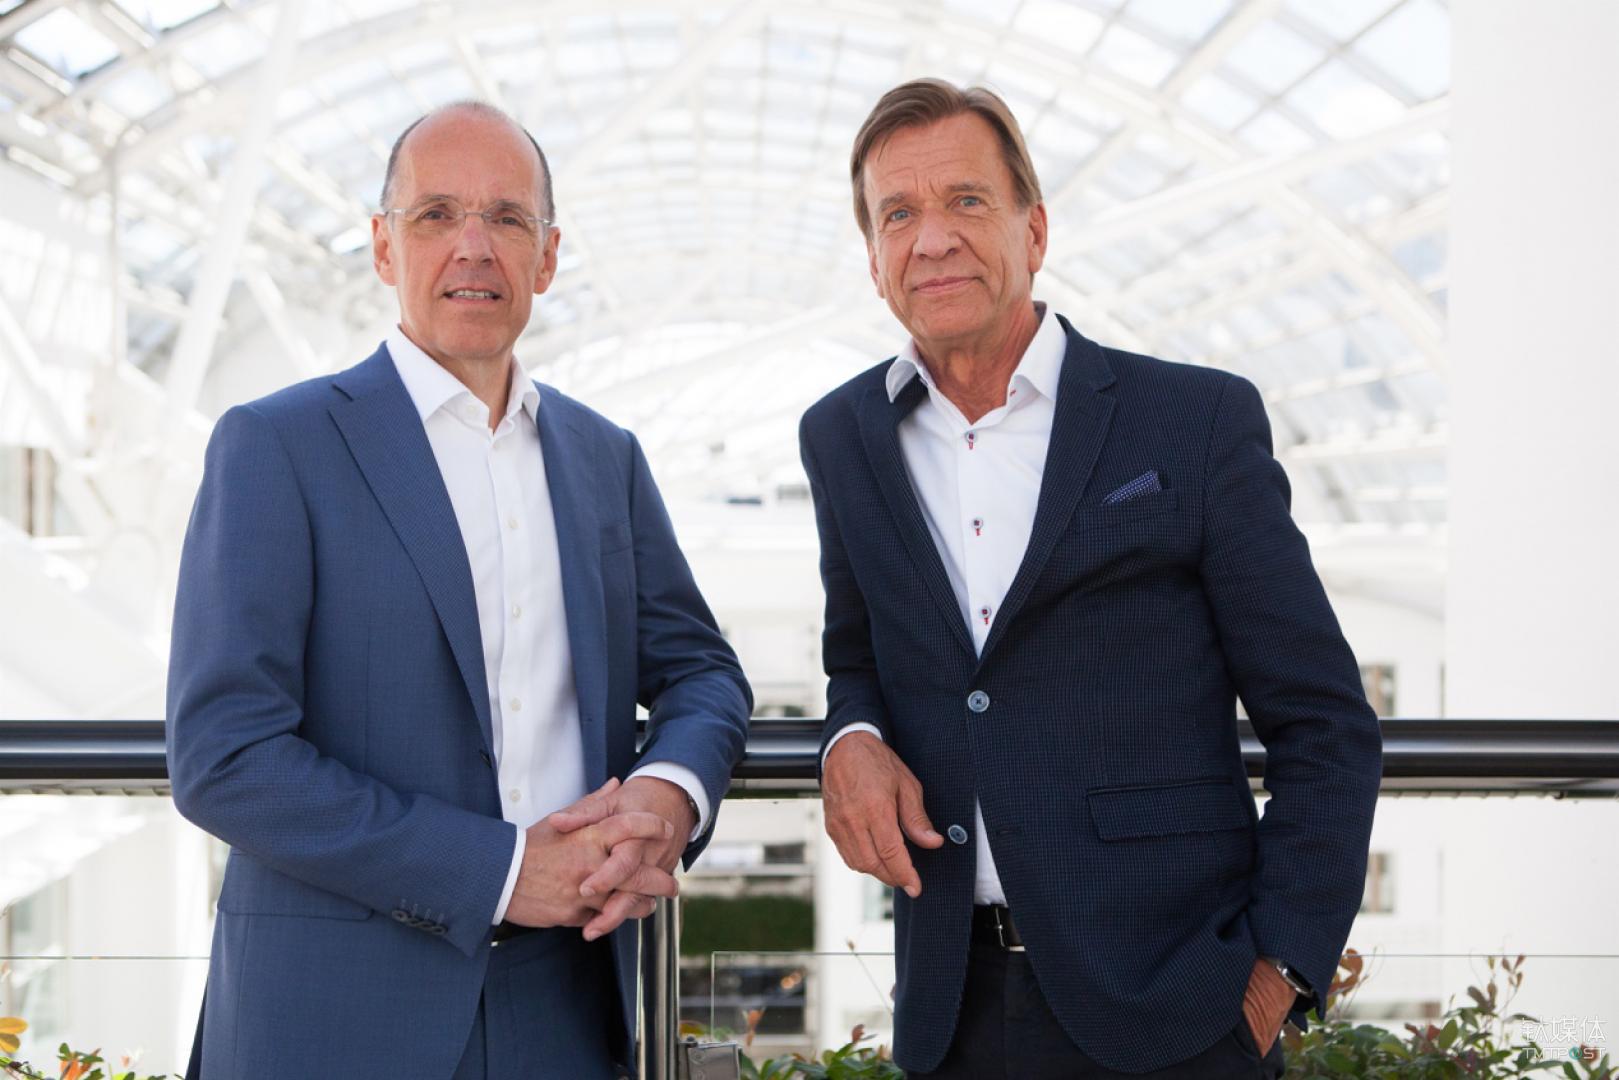 沃尔沃和Autoliv成立合资企业Zenuity